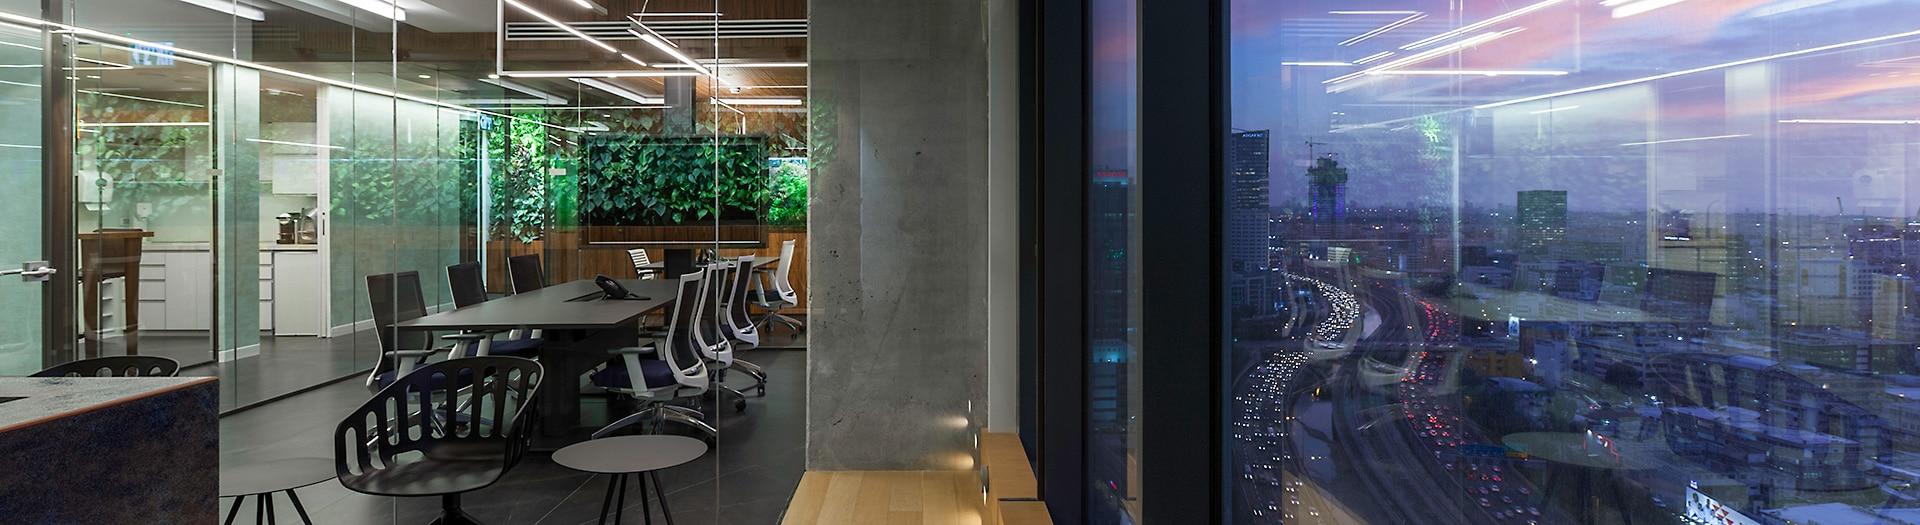 עיצוב משרדים לפי מתודולוגיית הביופיליה בשילוב צמחיה ועץ